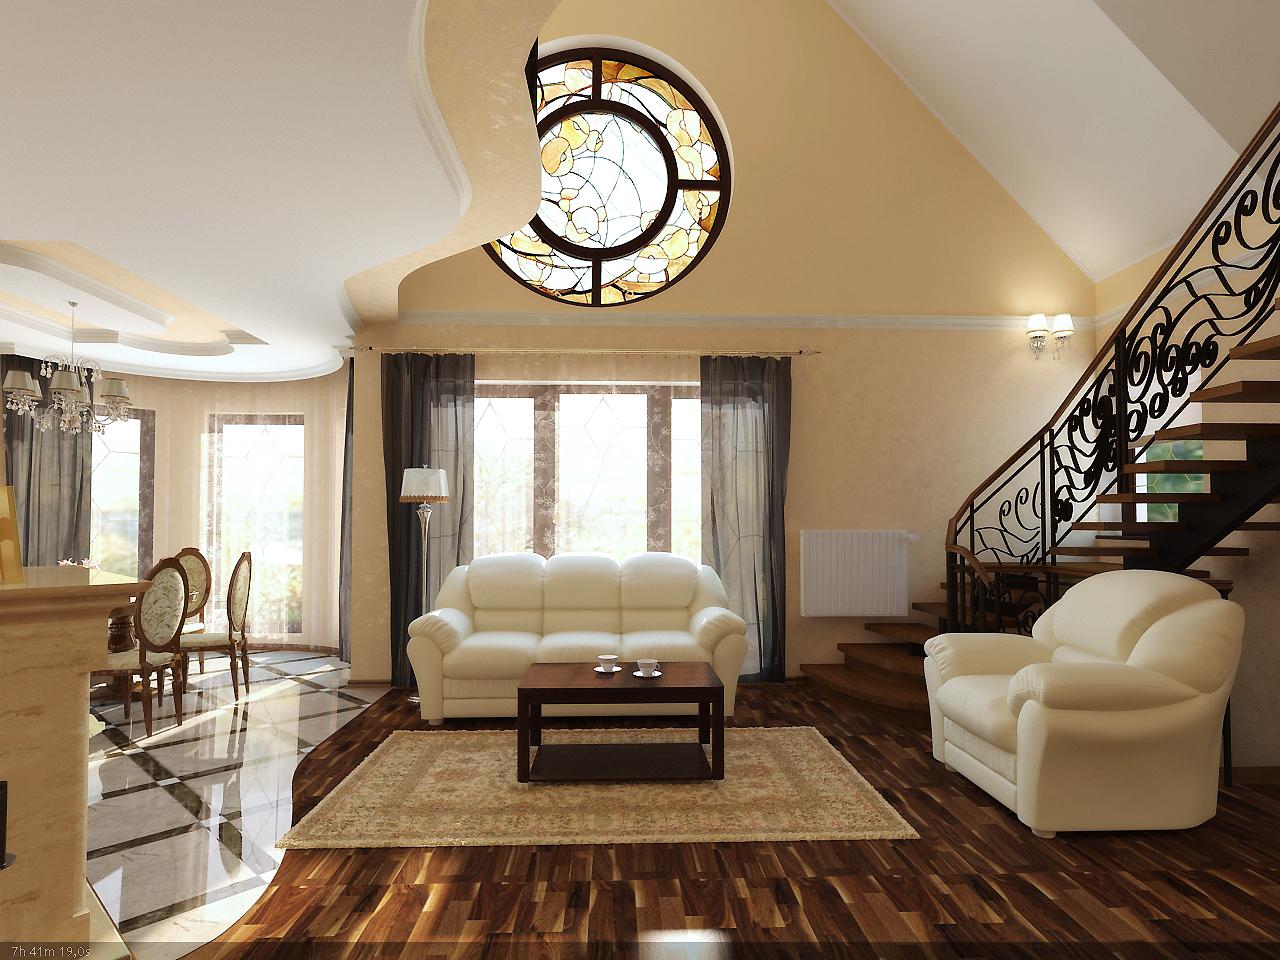 home interior design classic home interior QQFLMMK